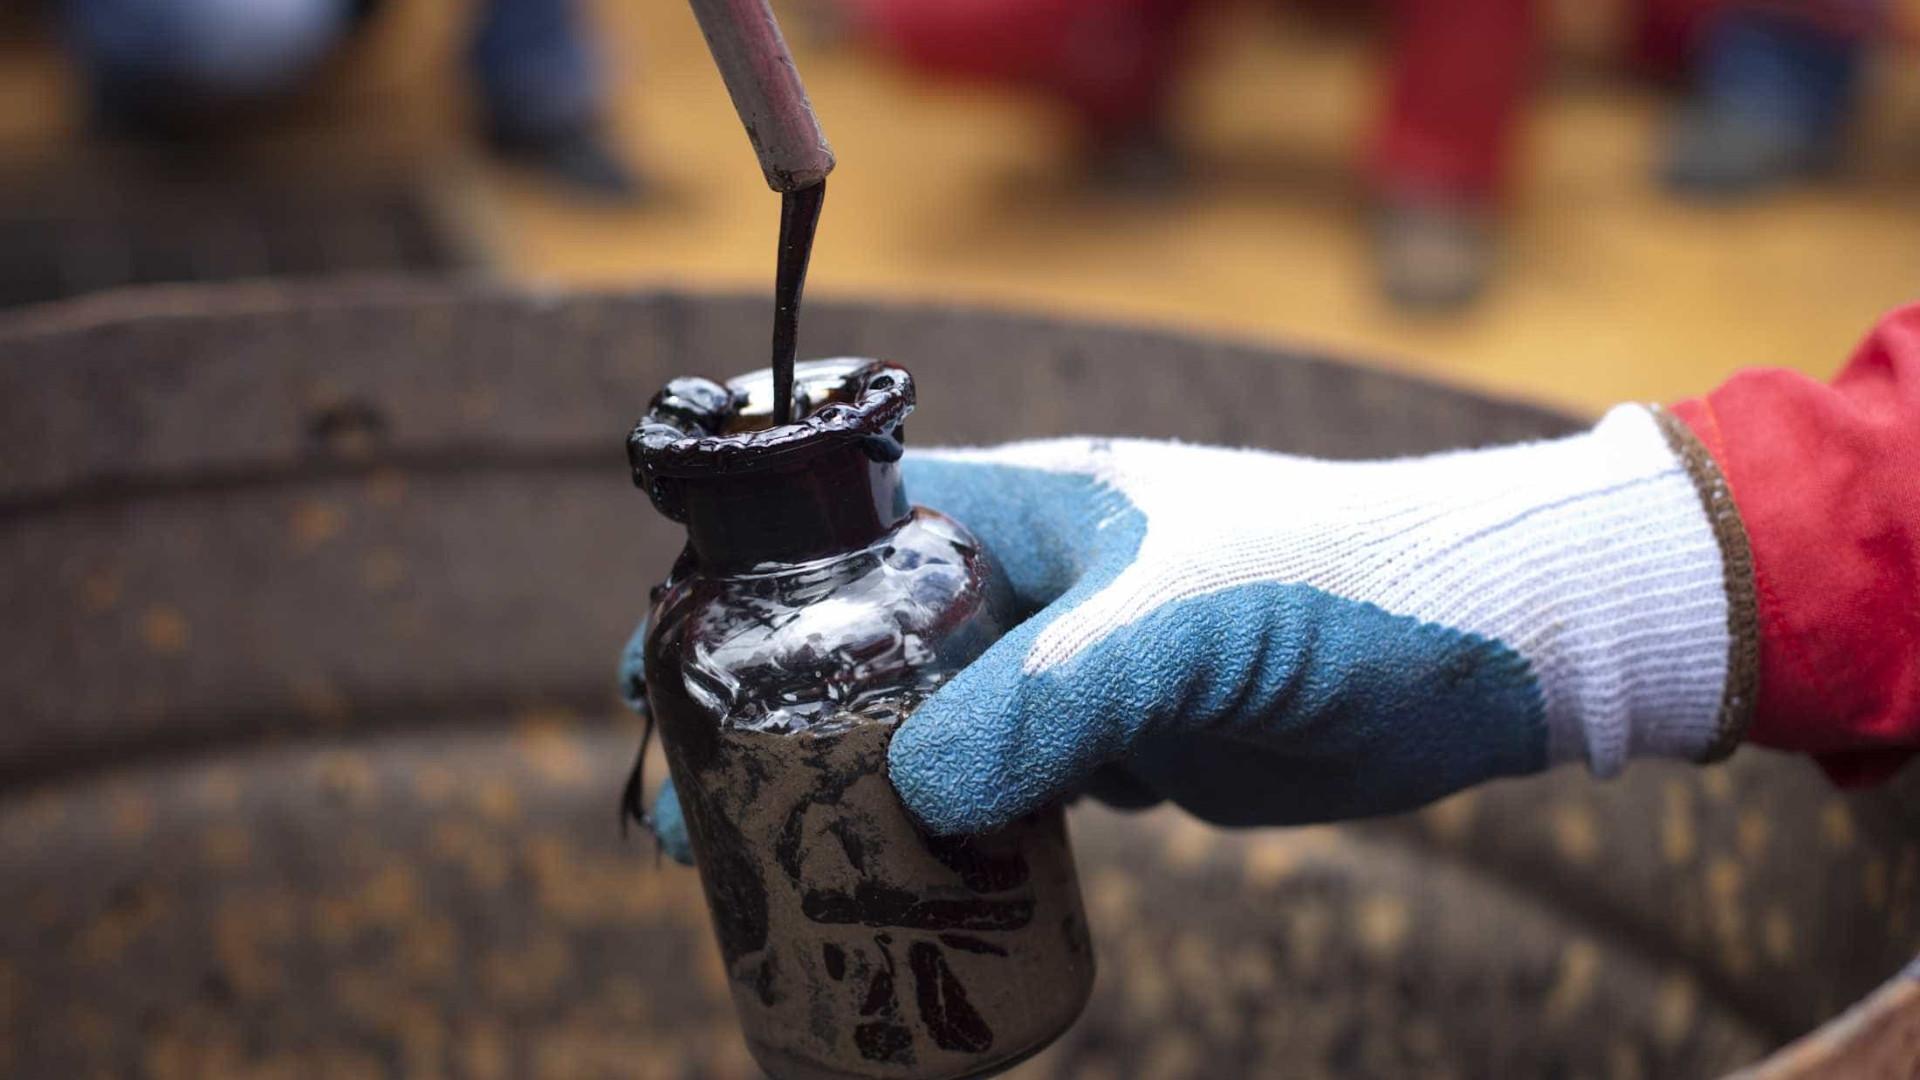 Petróleo continua caminho de ascensão